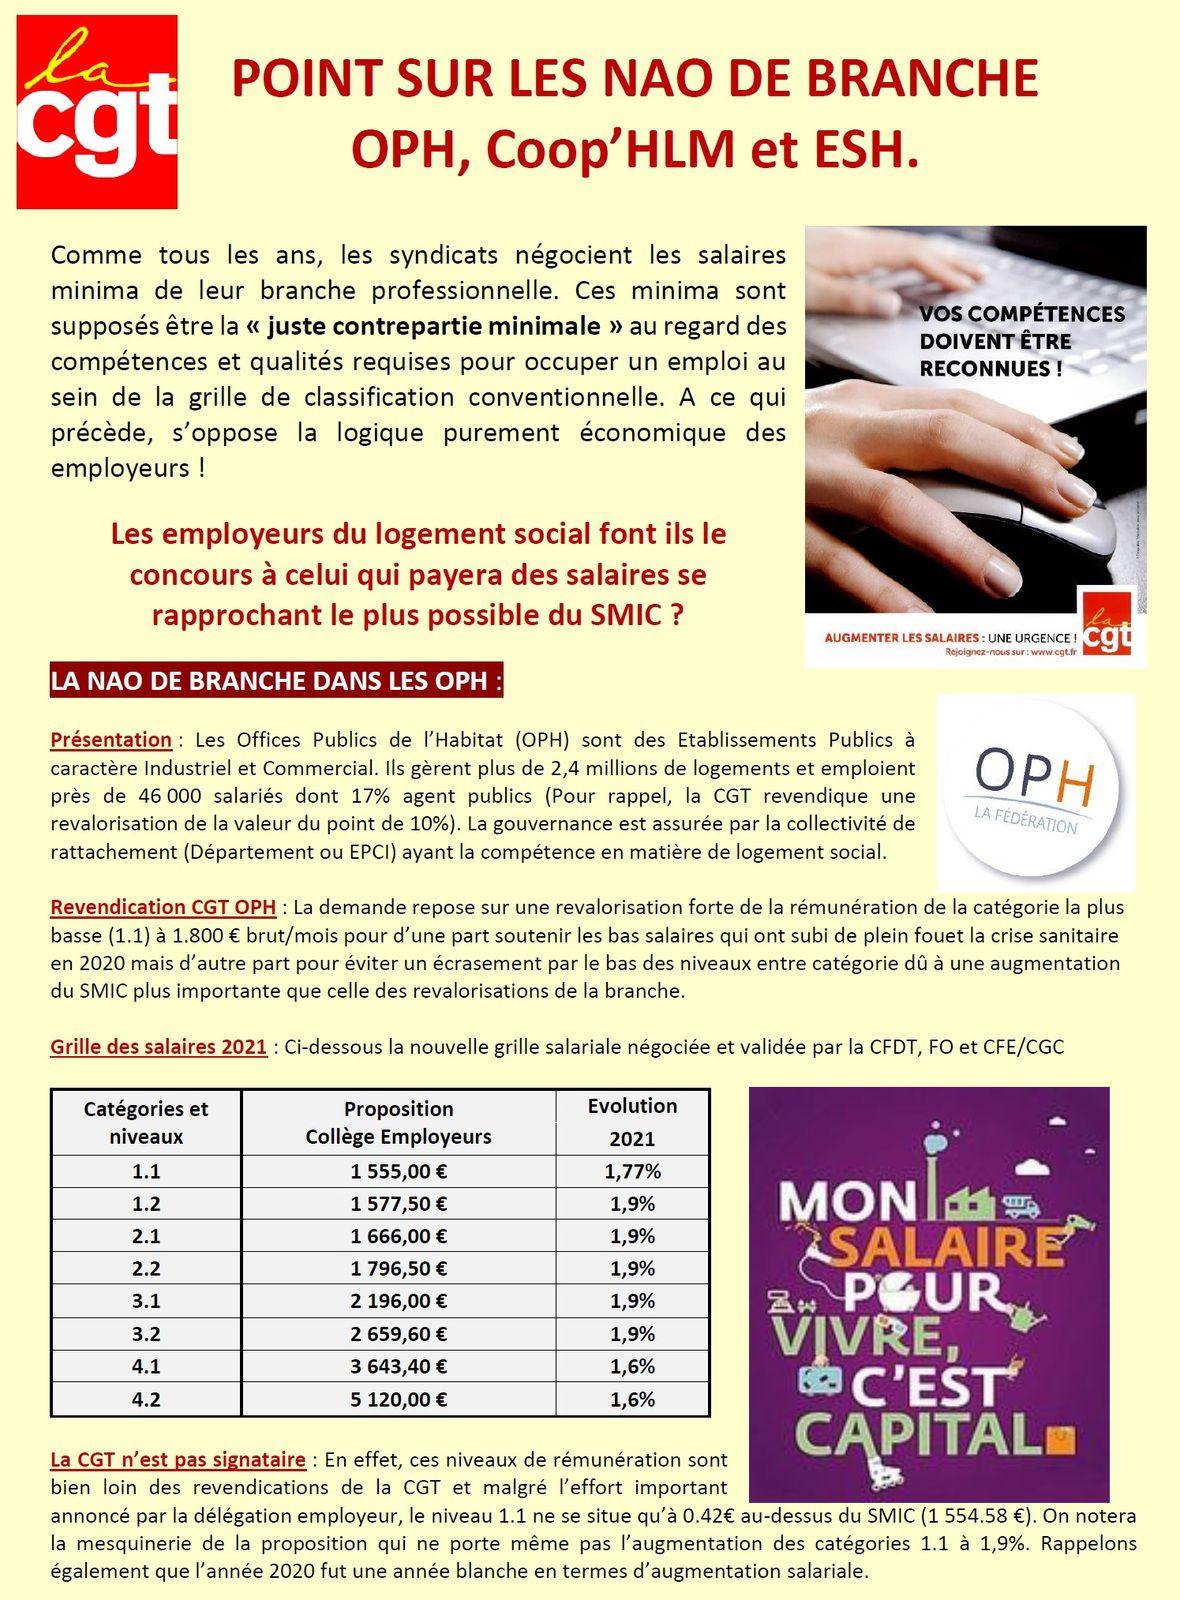 Point sur les négociations salariales dans les branches OPH, Coop'HLM et ESH.